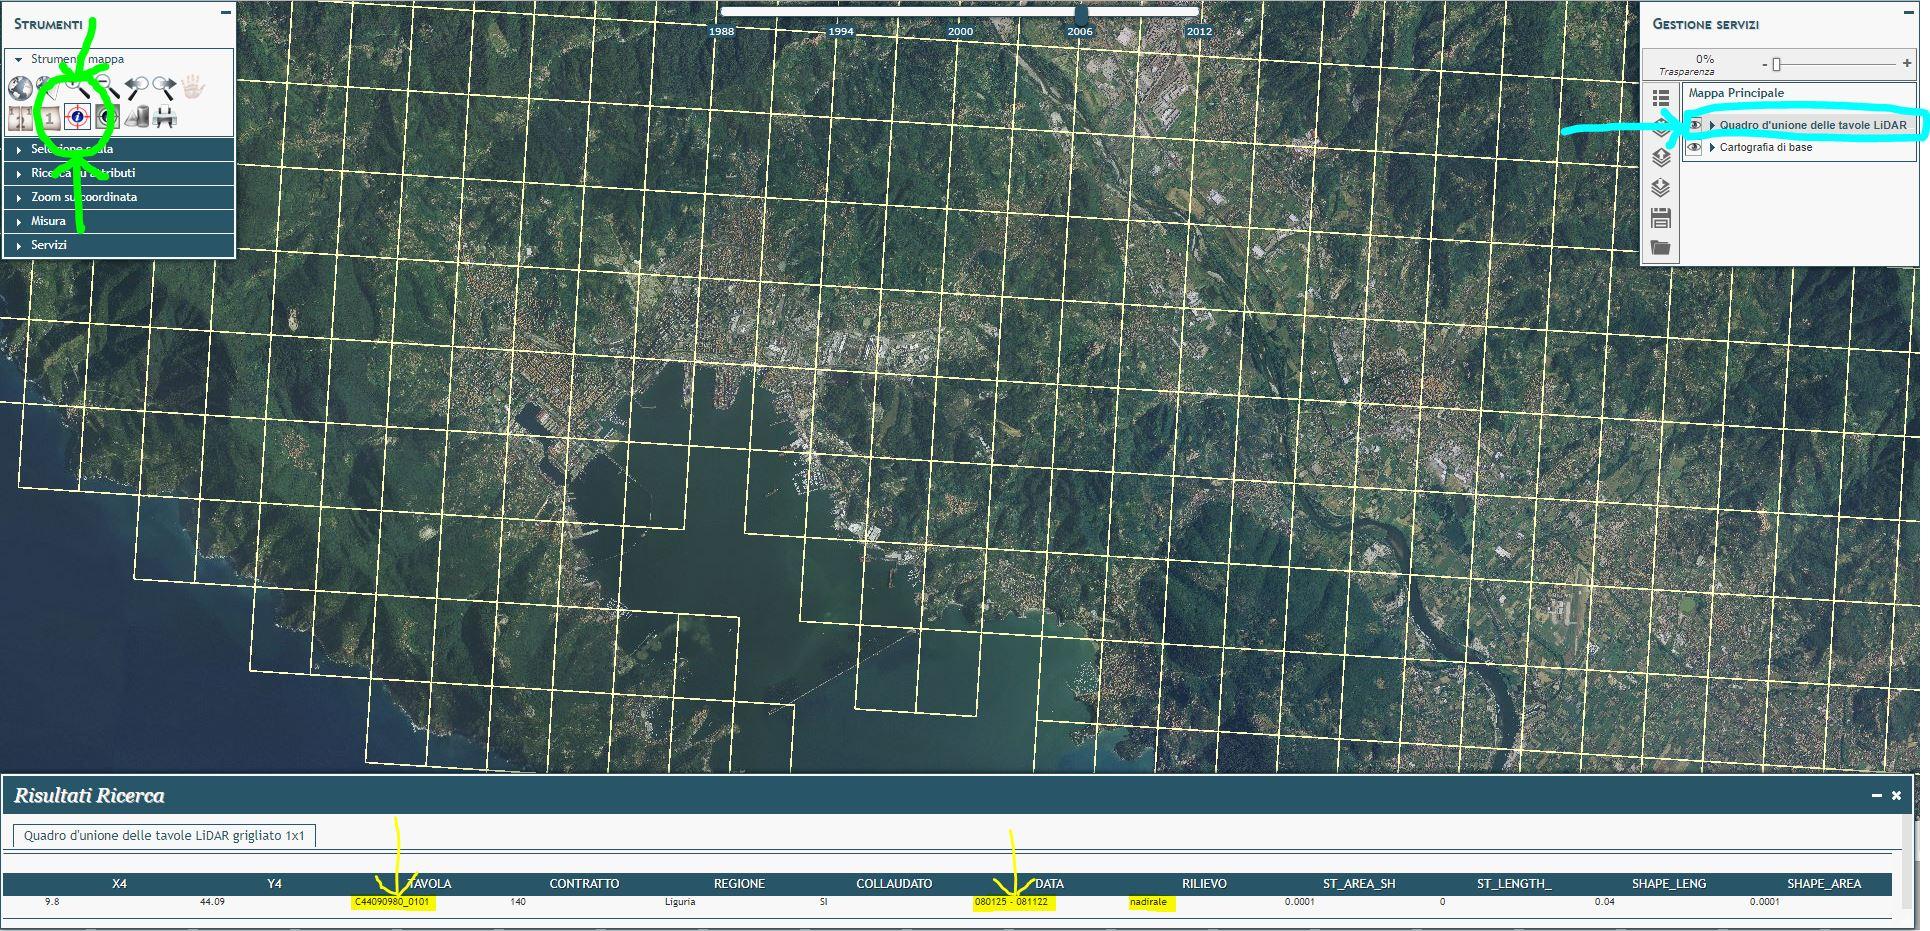 Immagine che mostra come selezionare le tavole del LIDAR 1m dal portale cartografico nazionale per ricavarne informazioni e numero